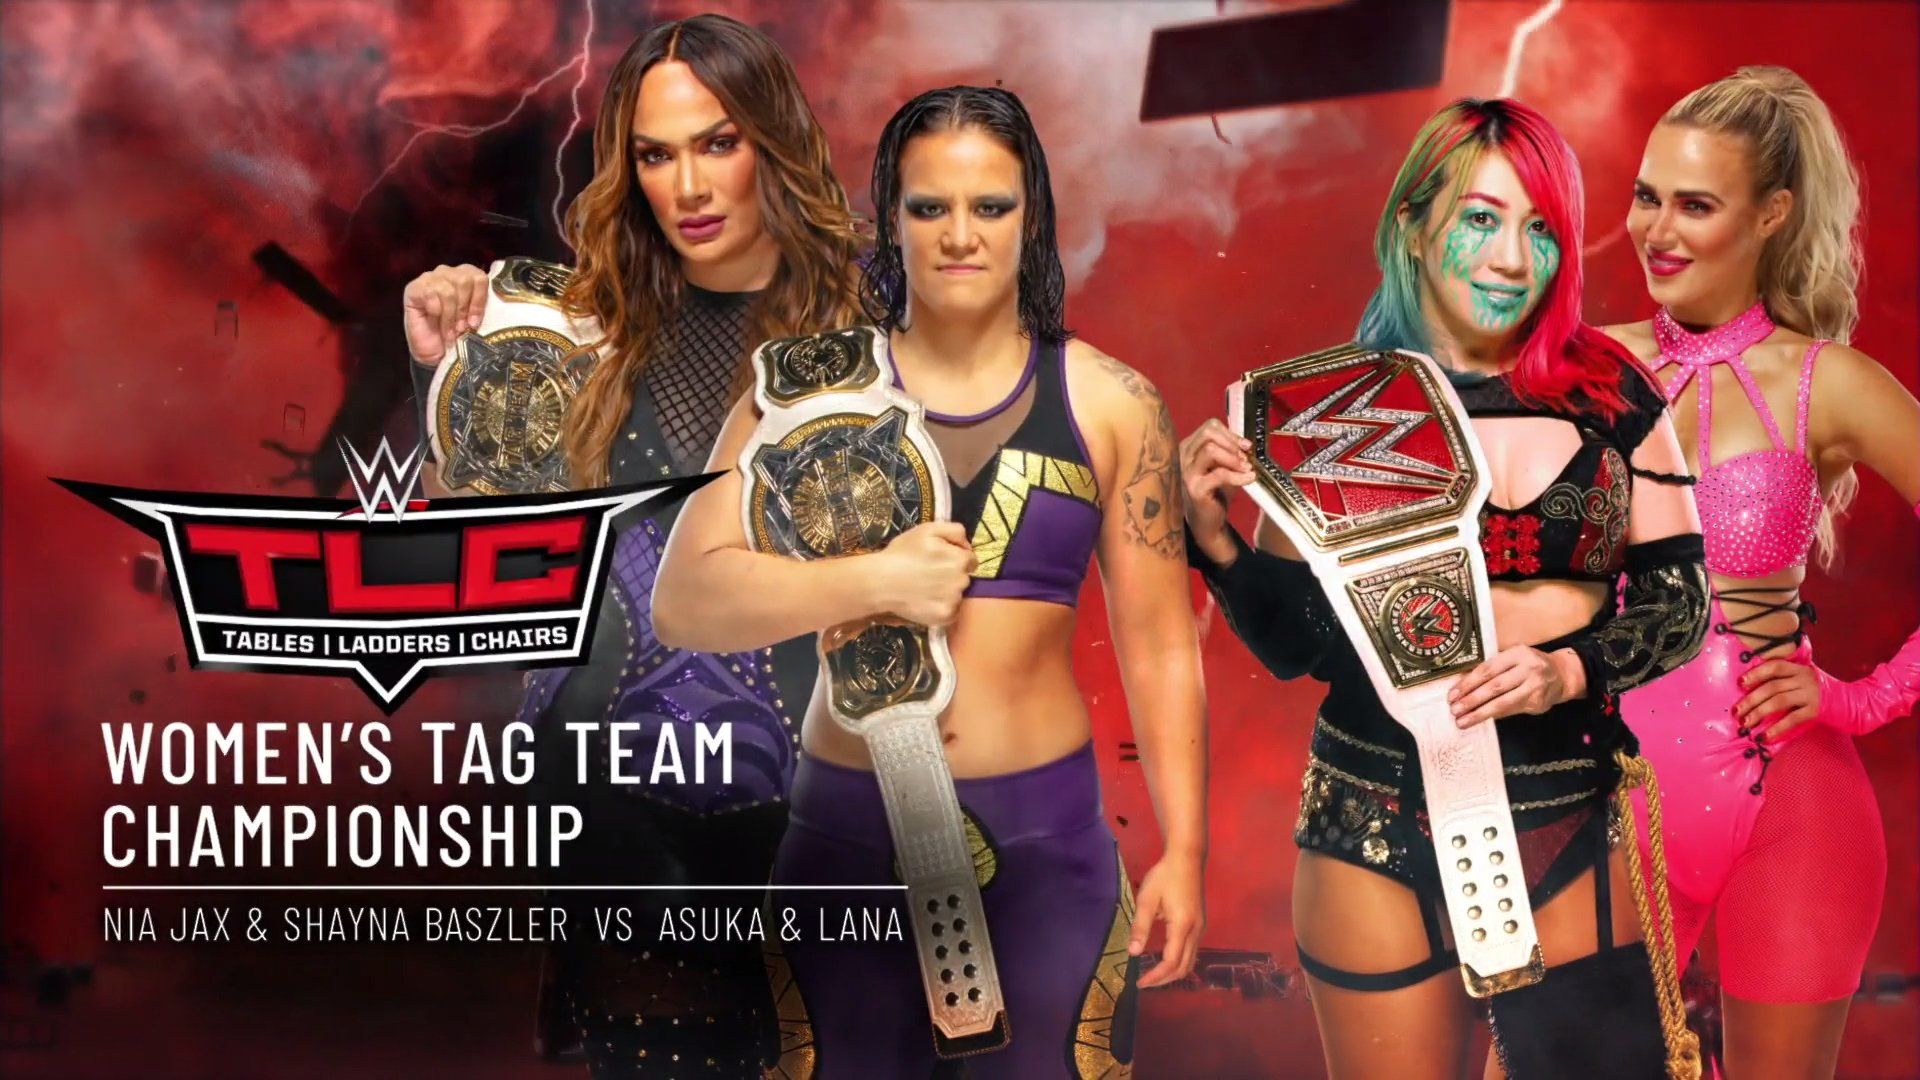 Novo combate por título é anunciado para o WWE TLC